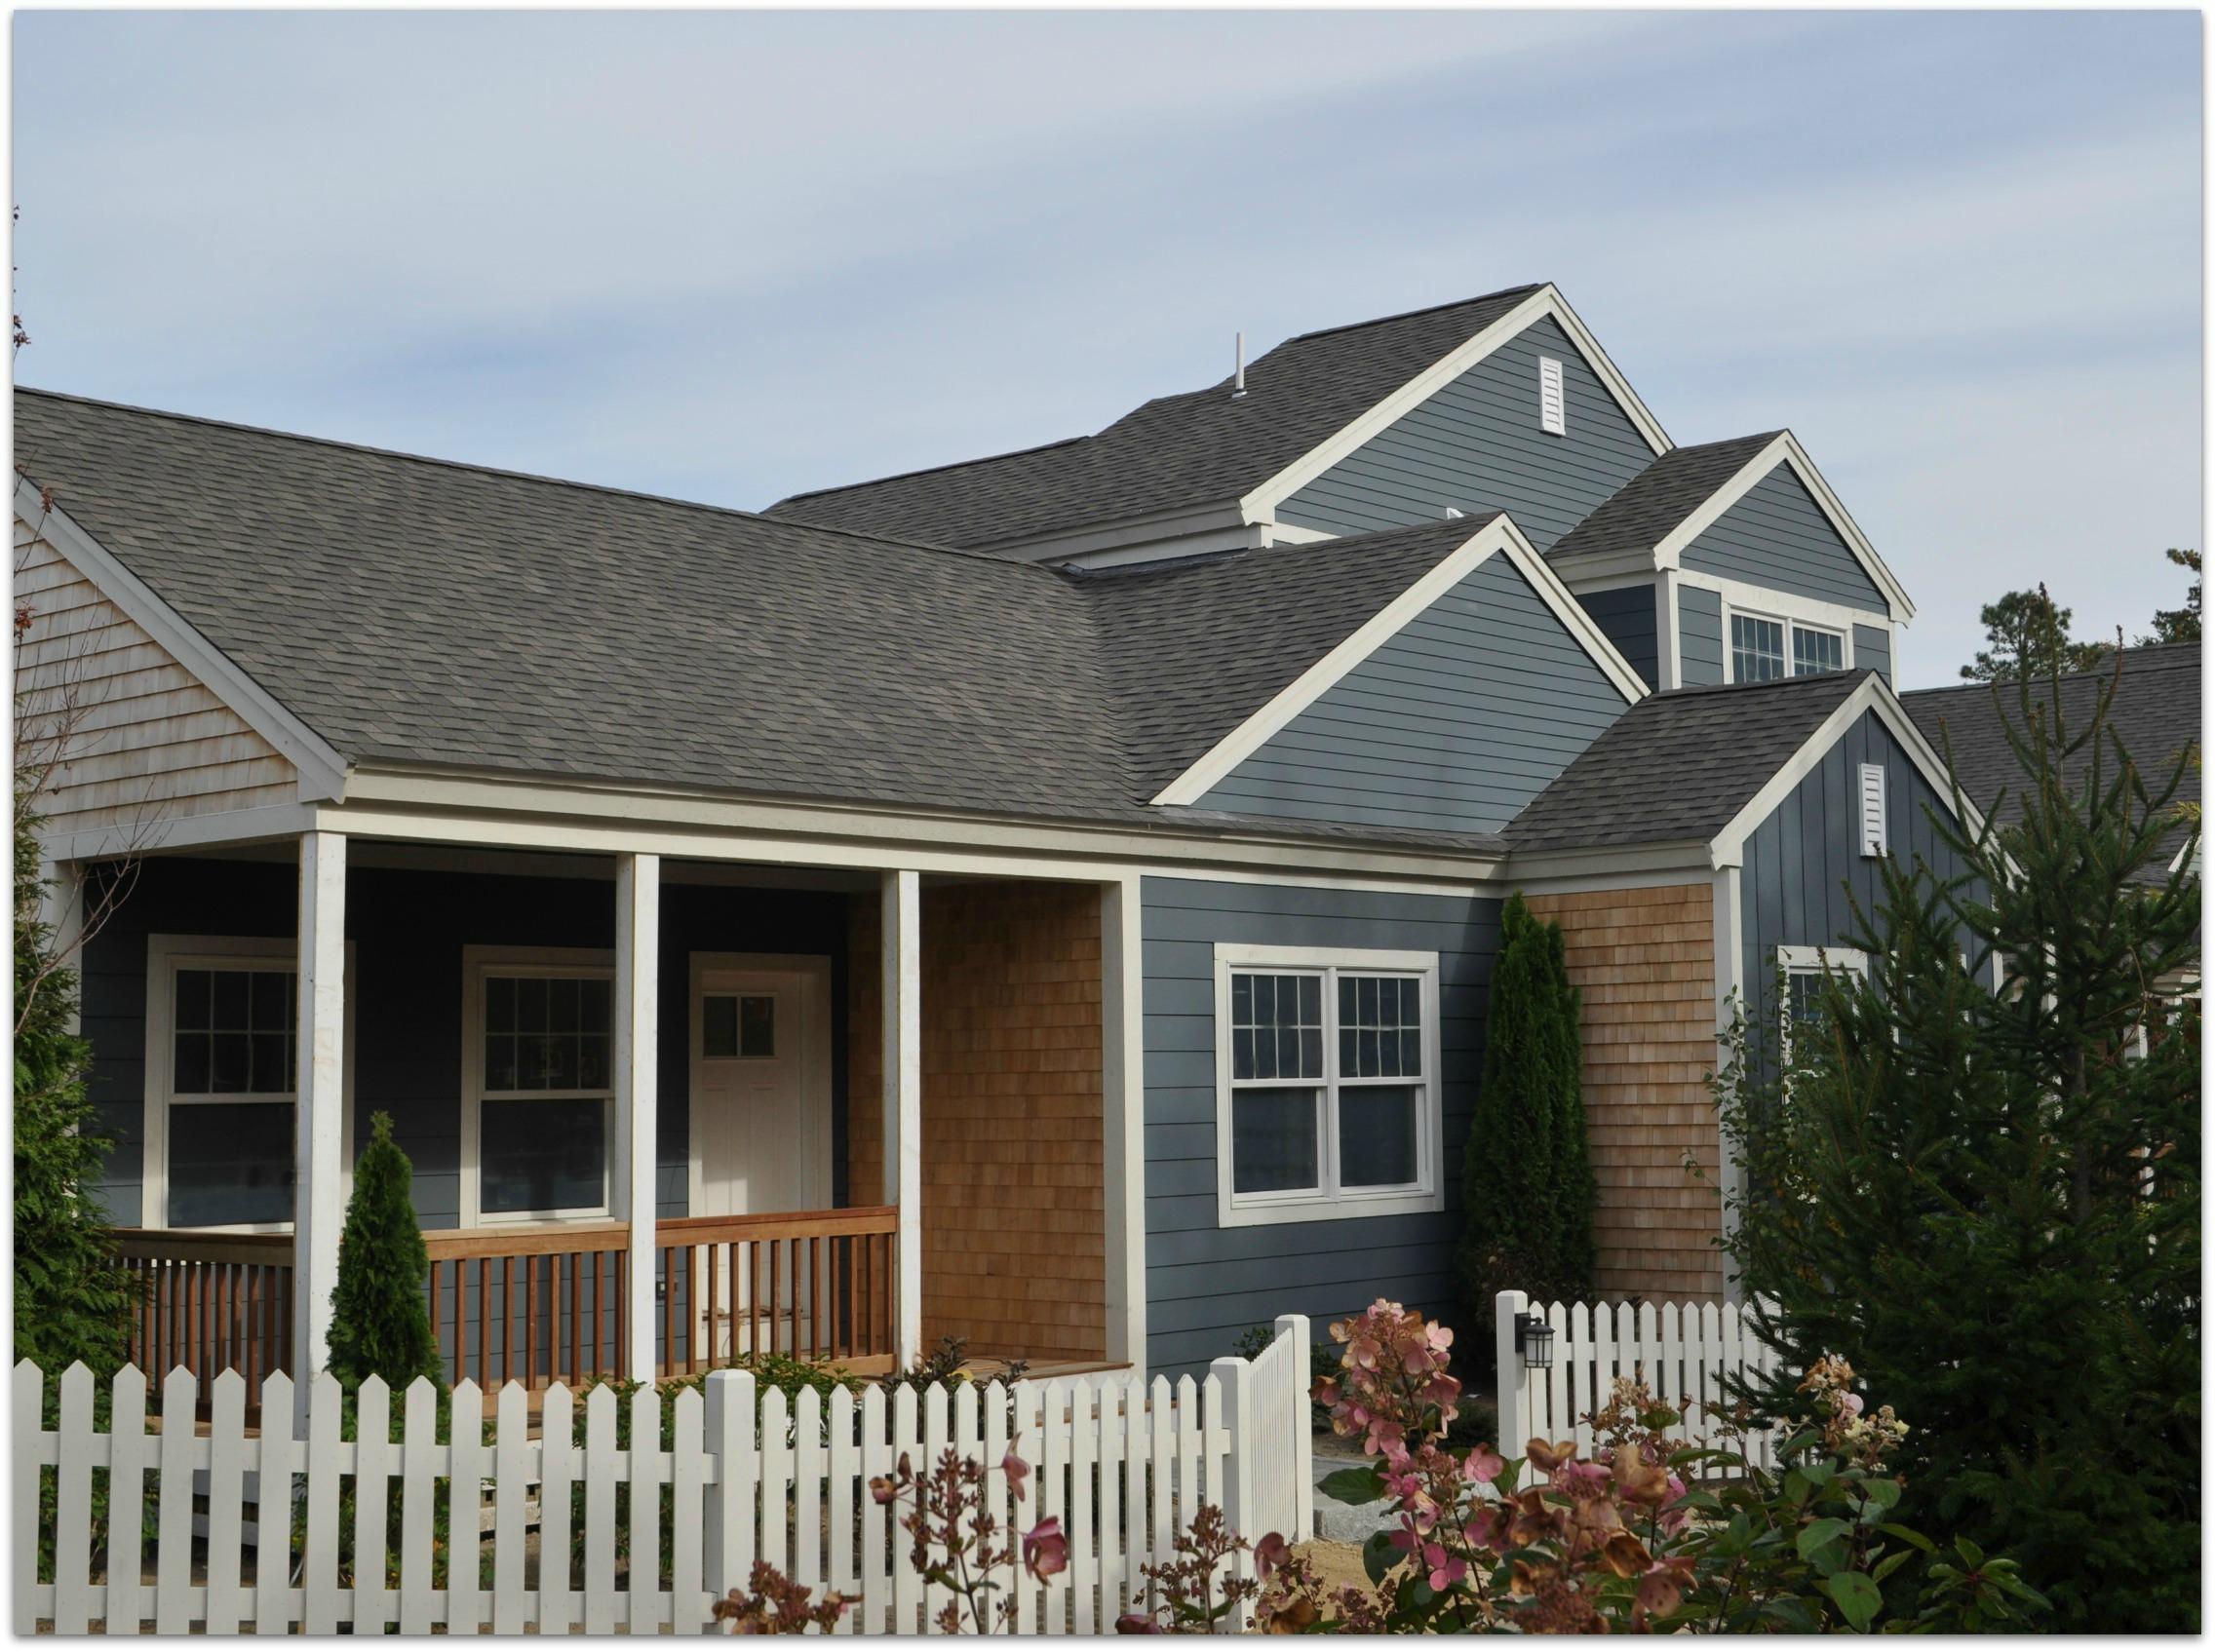 Home portico model